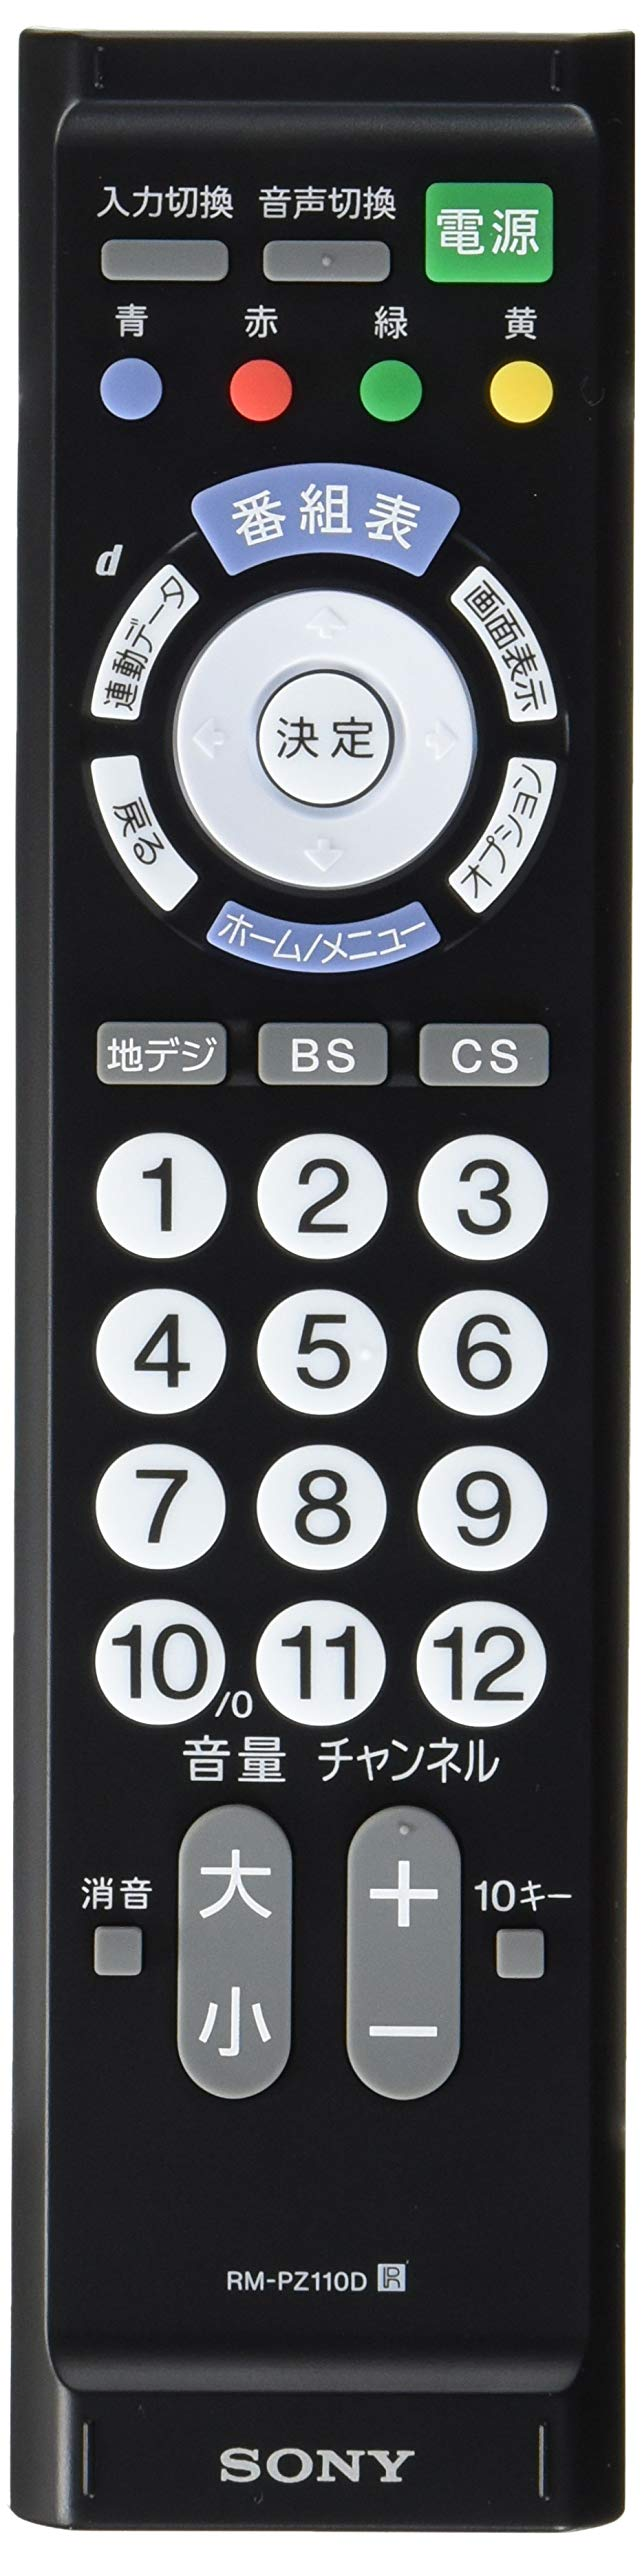 ソニー SONY テレビリモコン RM-PZ110D : 地デジテレビ専用 シルバー RM-PZ110D S product image